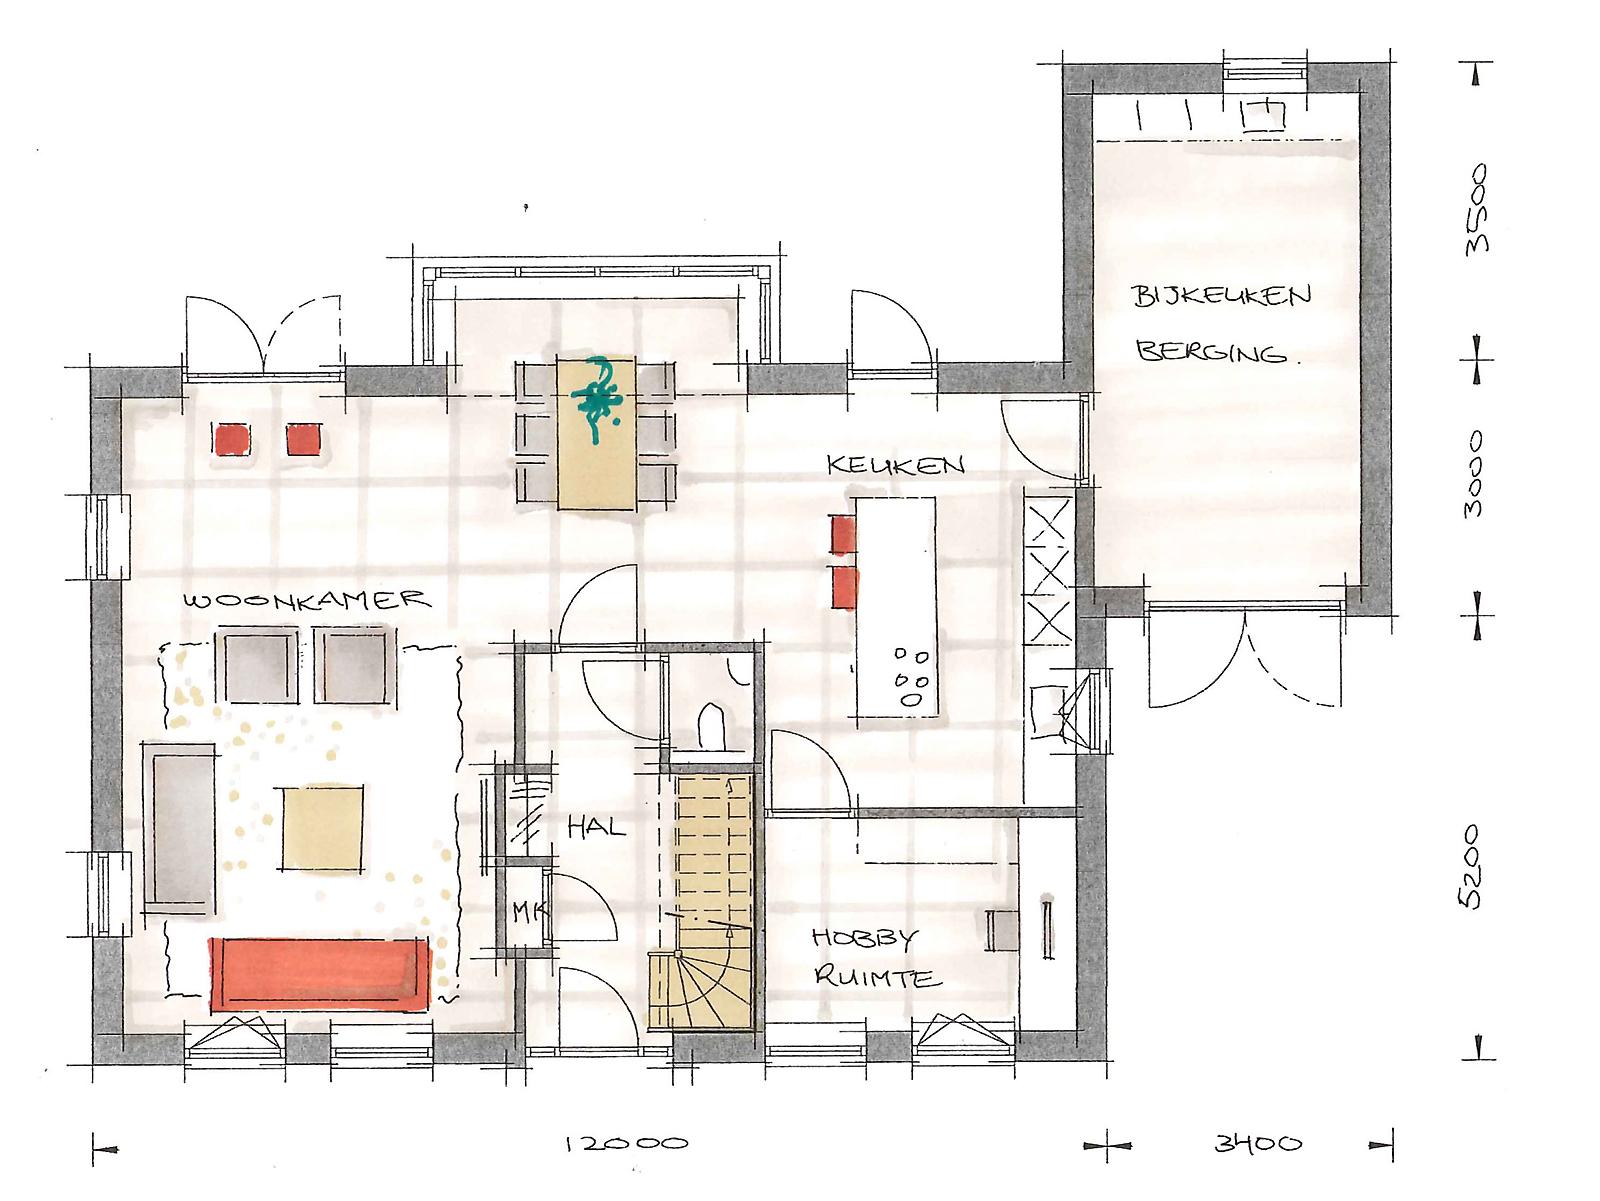 Interieur building design architectuur for Trap tekenen plattegrond